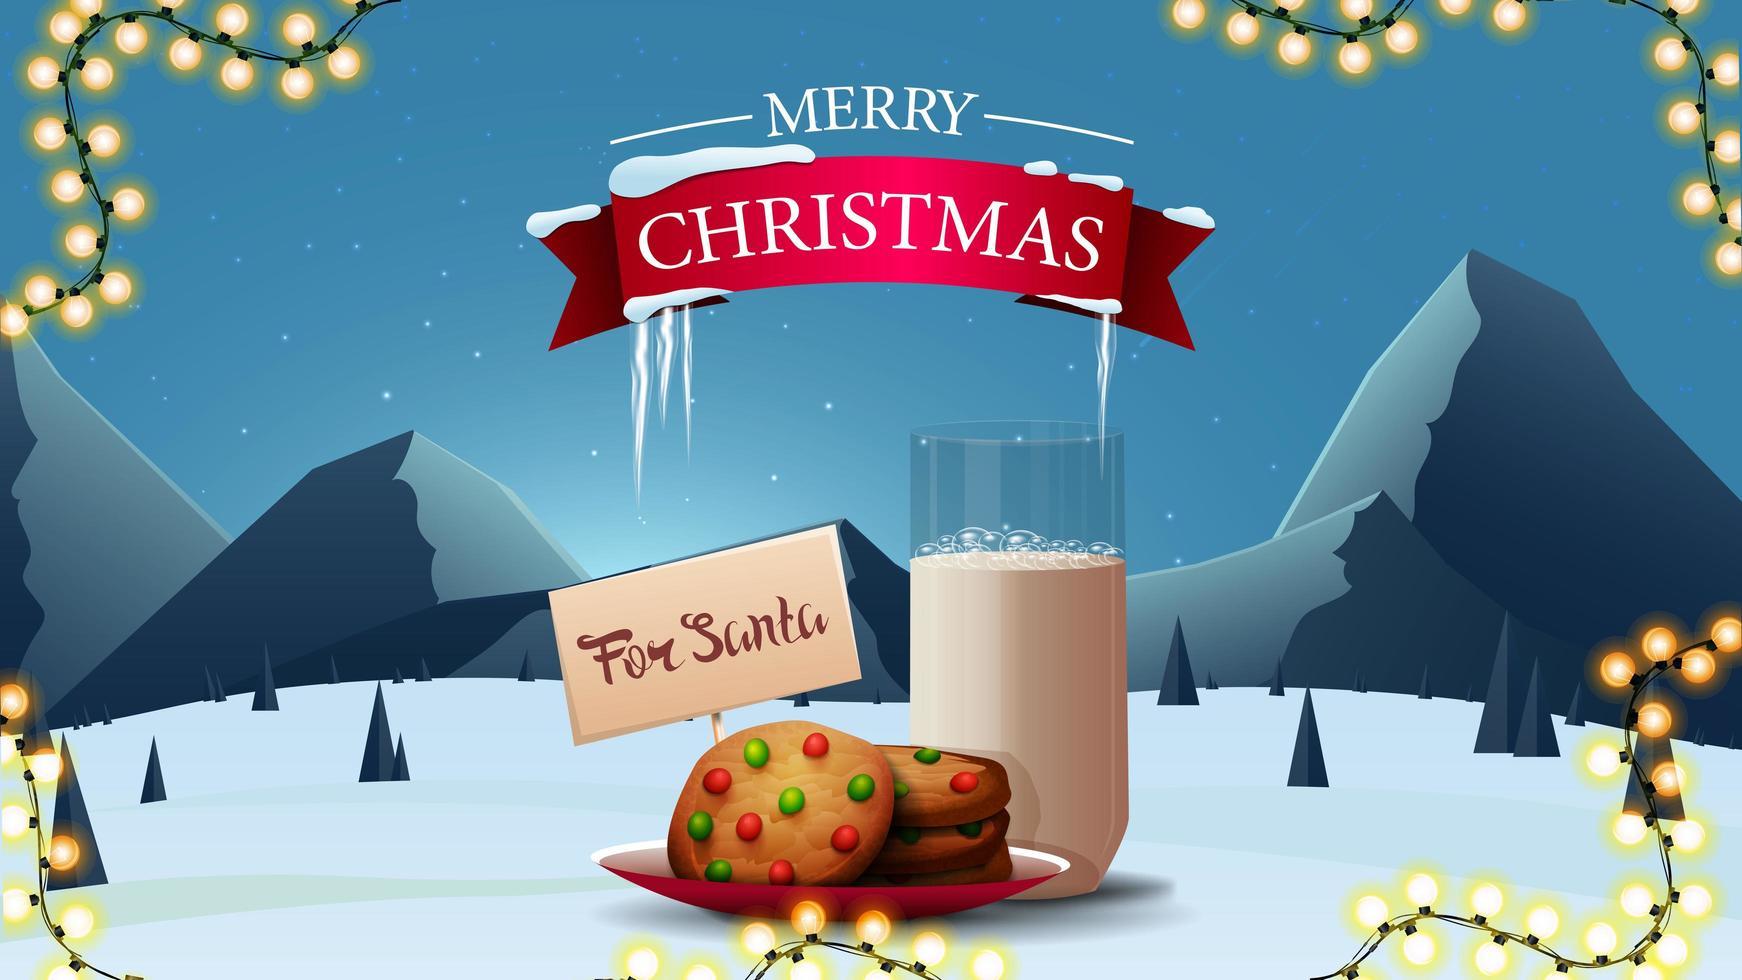 Frohe Weihnachten, Grußpostkarte mit Keksen mit Milch vektor